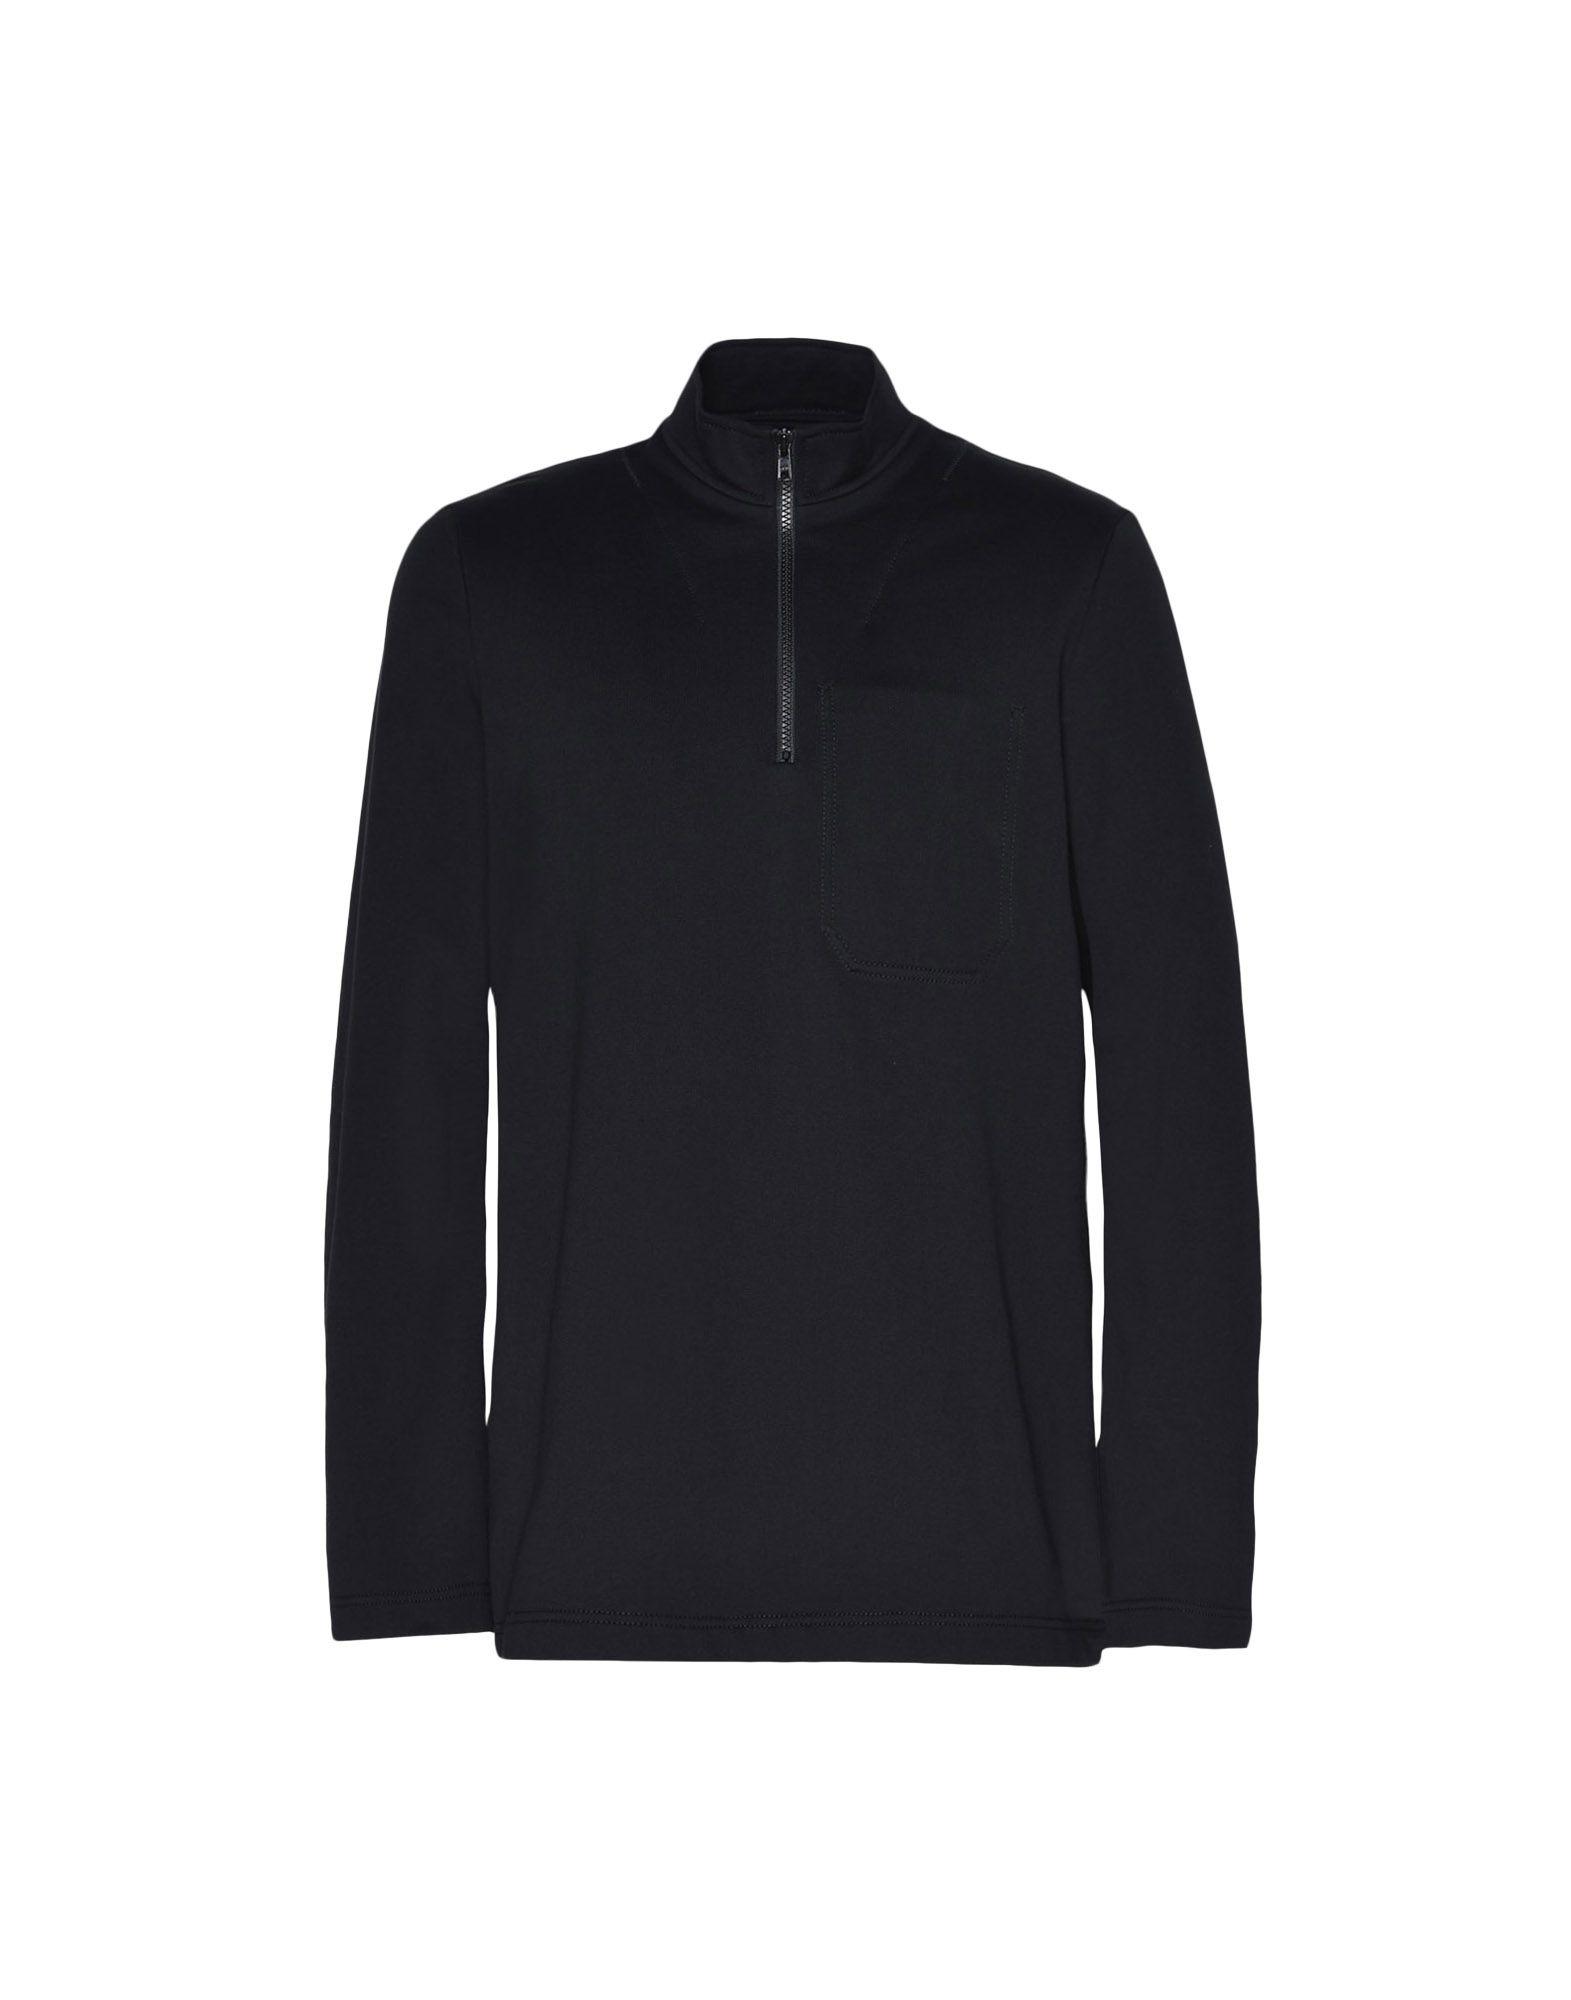 Y-3 Y-3 Sashiko Sweater Zipped jumper Man f